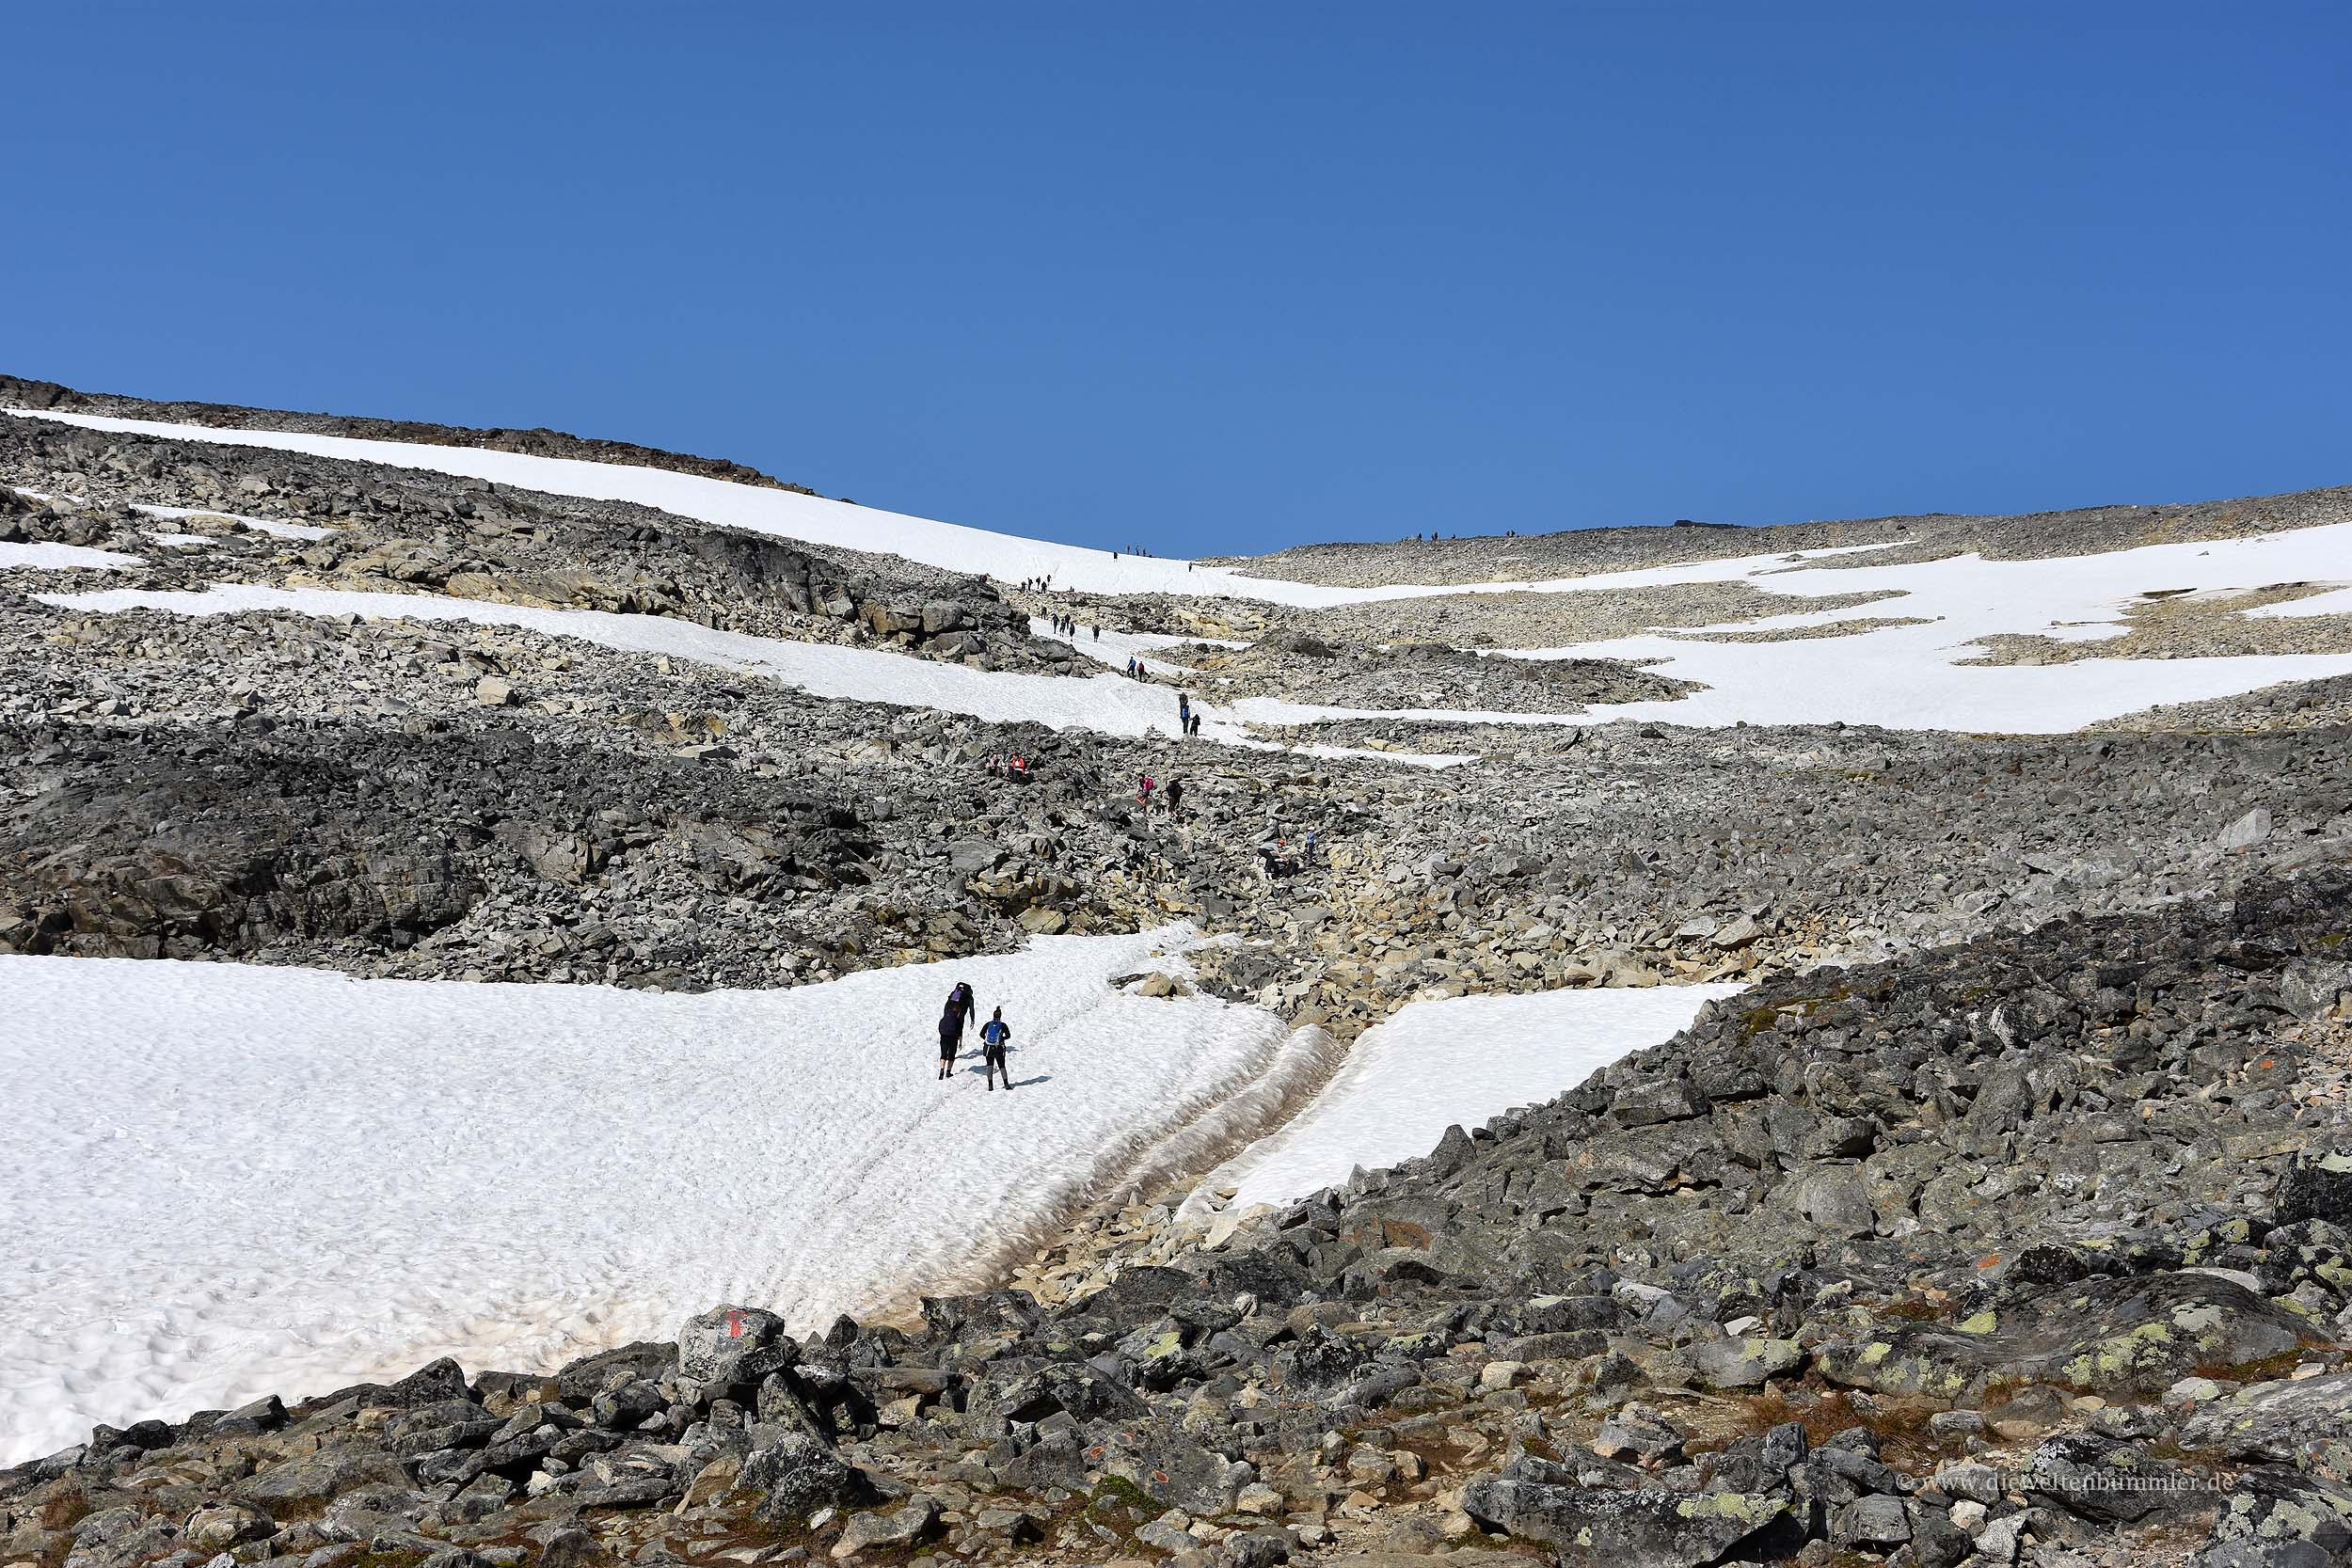 Schneefelder auf dem Wanderweg